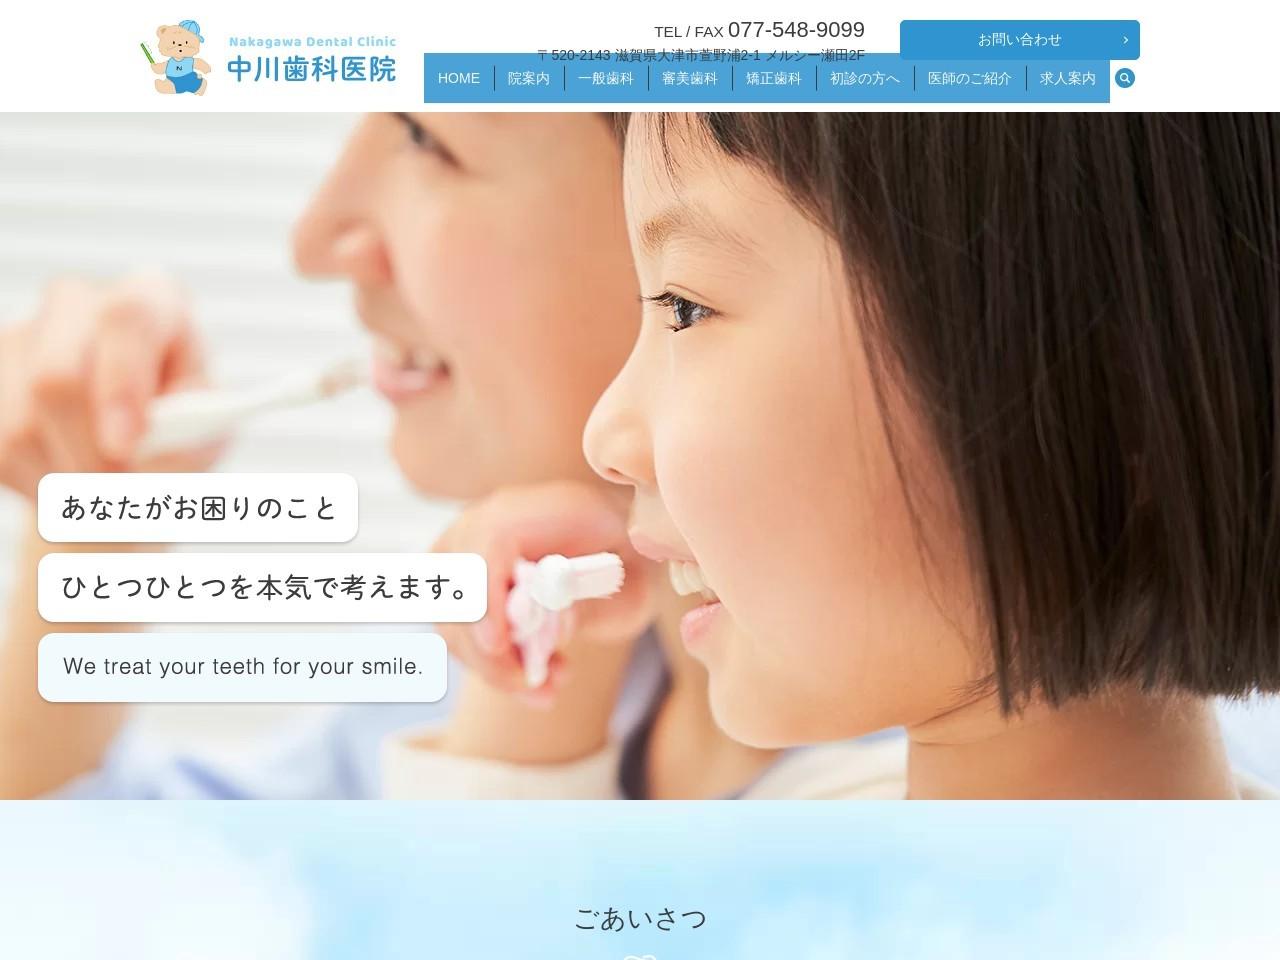 中川歯科医院 (滋賀県大津市)